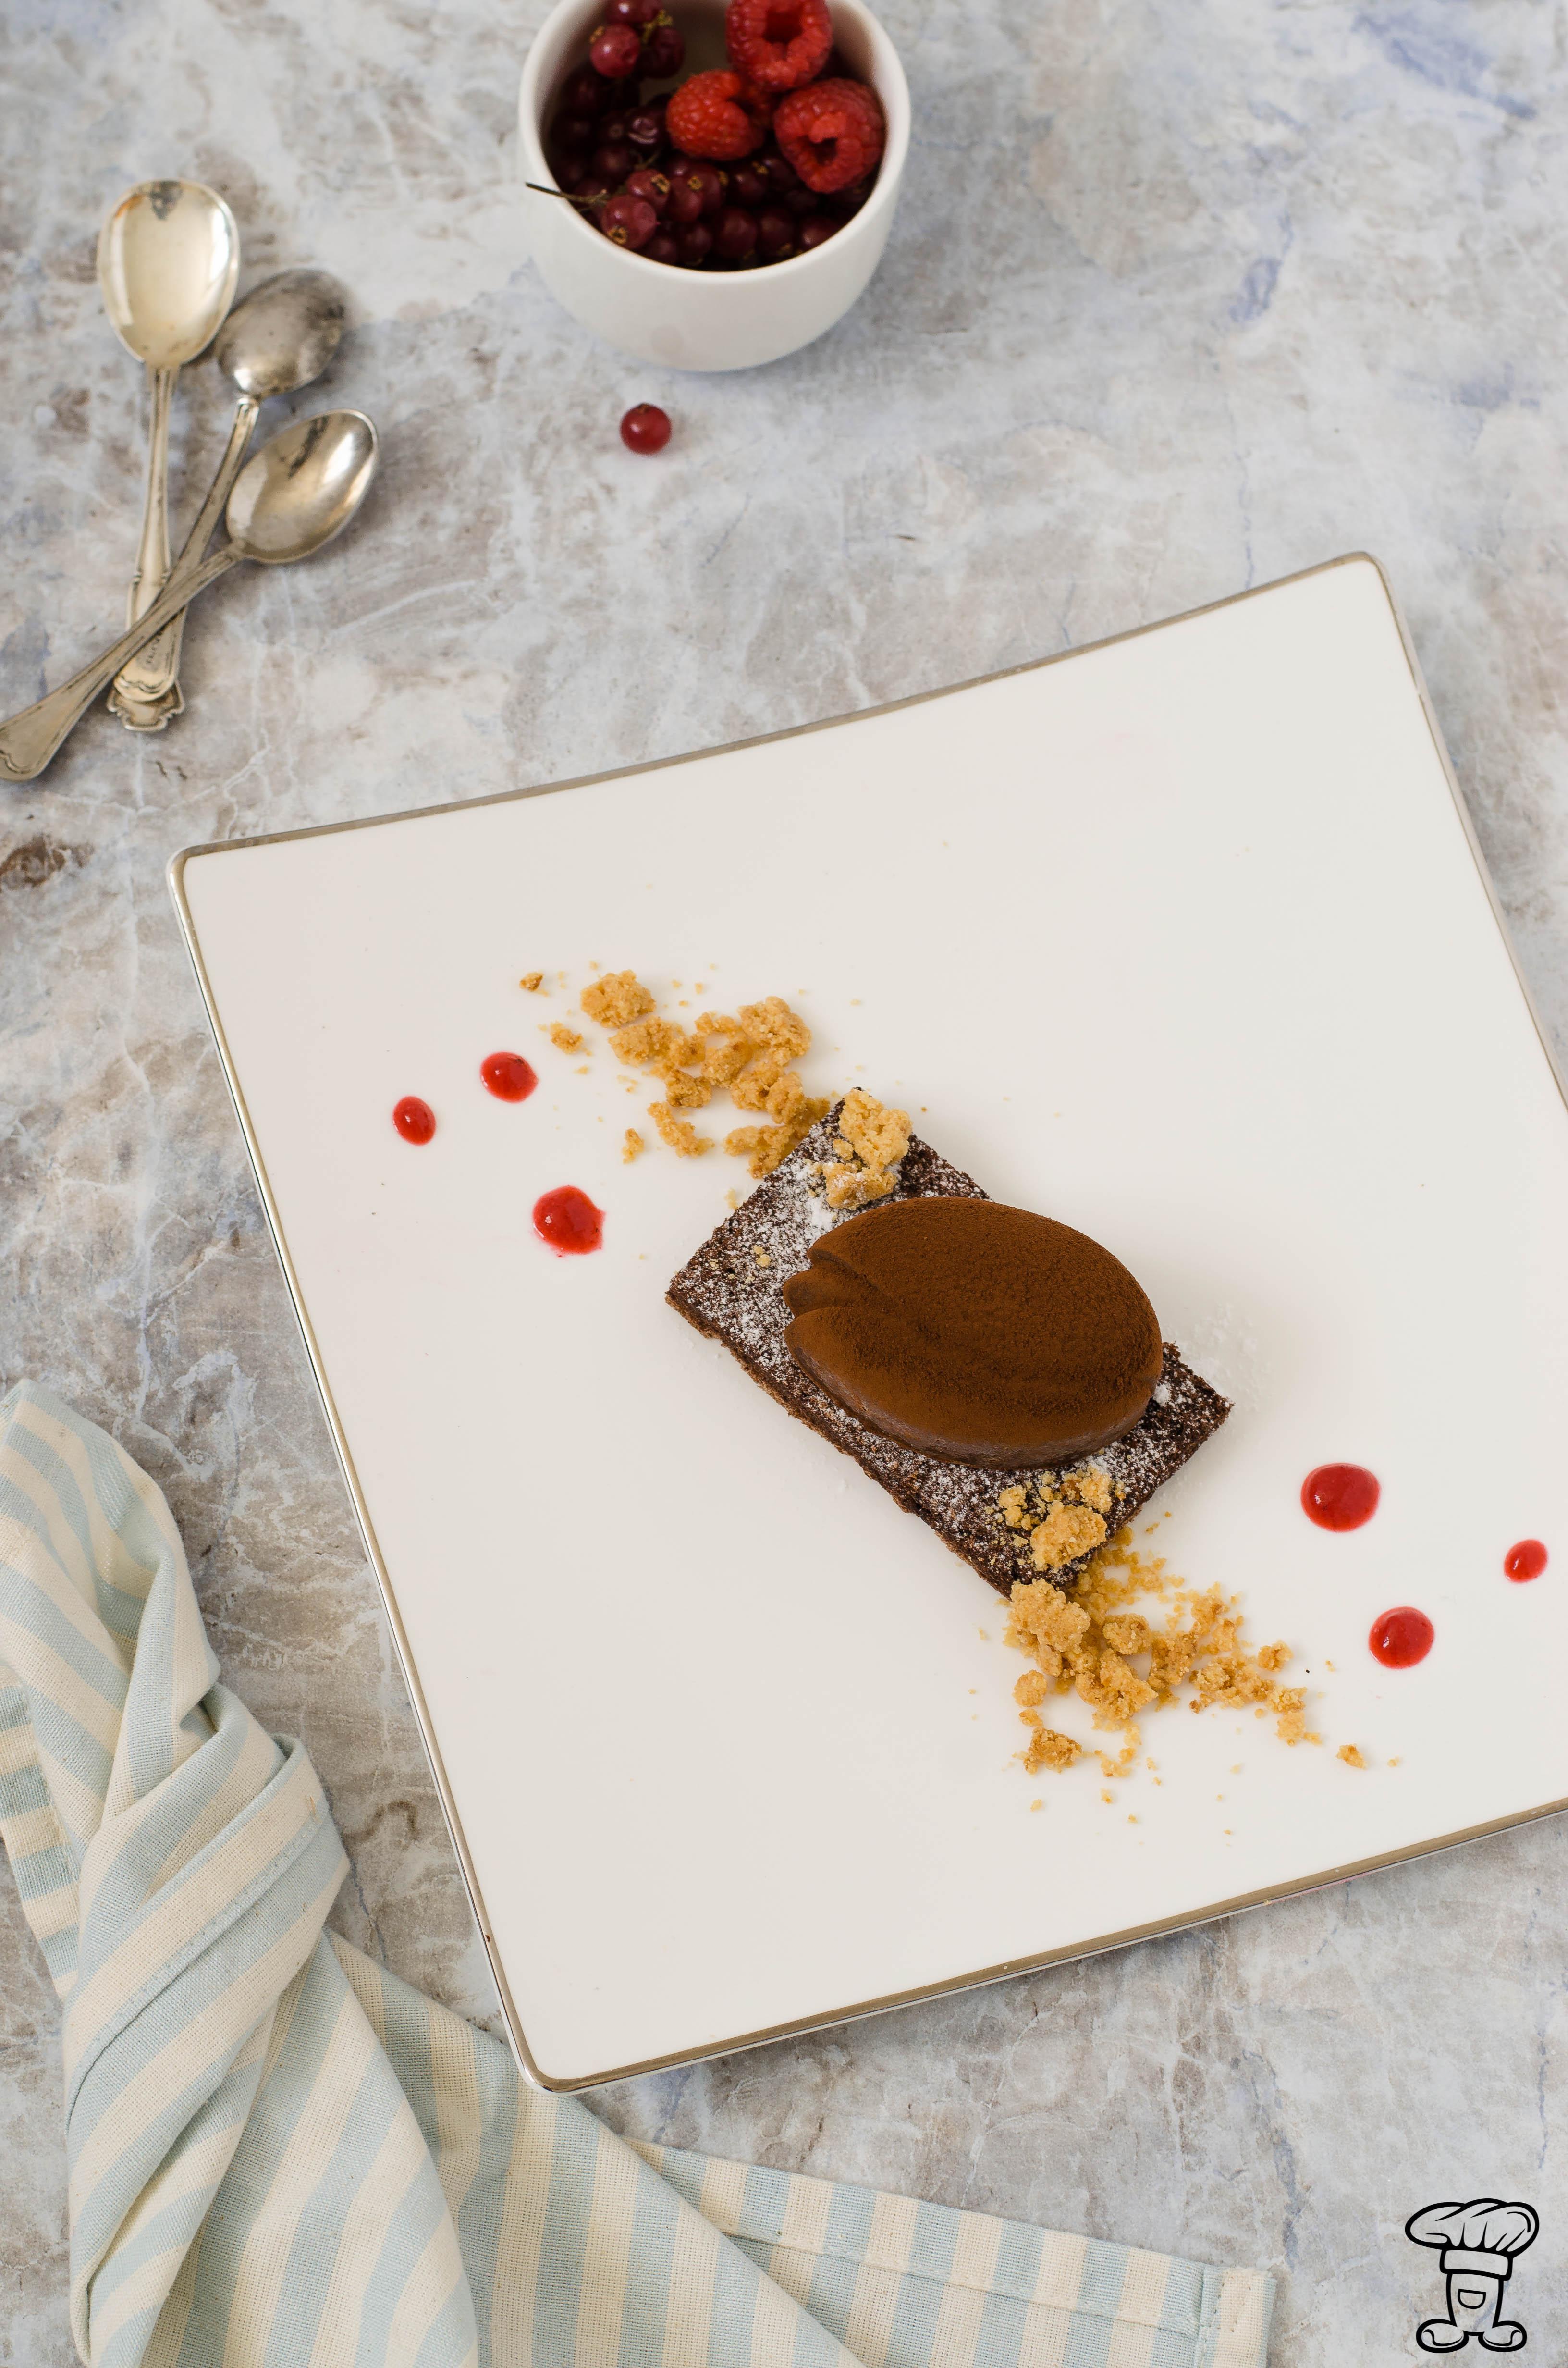 Pave_cioccolato3 Tulipano fondente con cuore gelée e streusel bianco